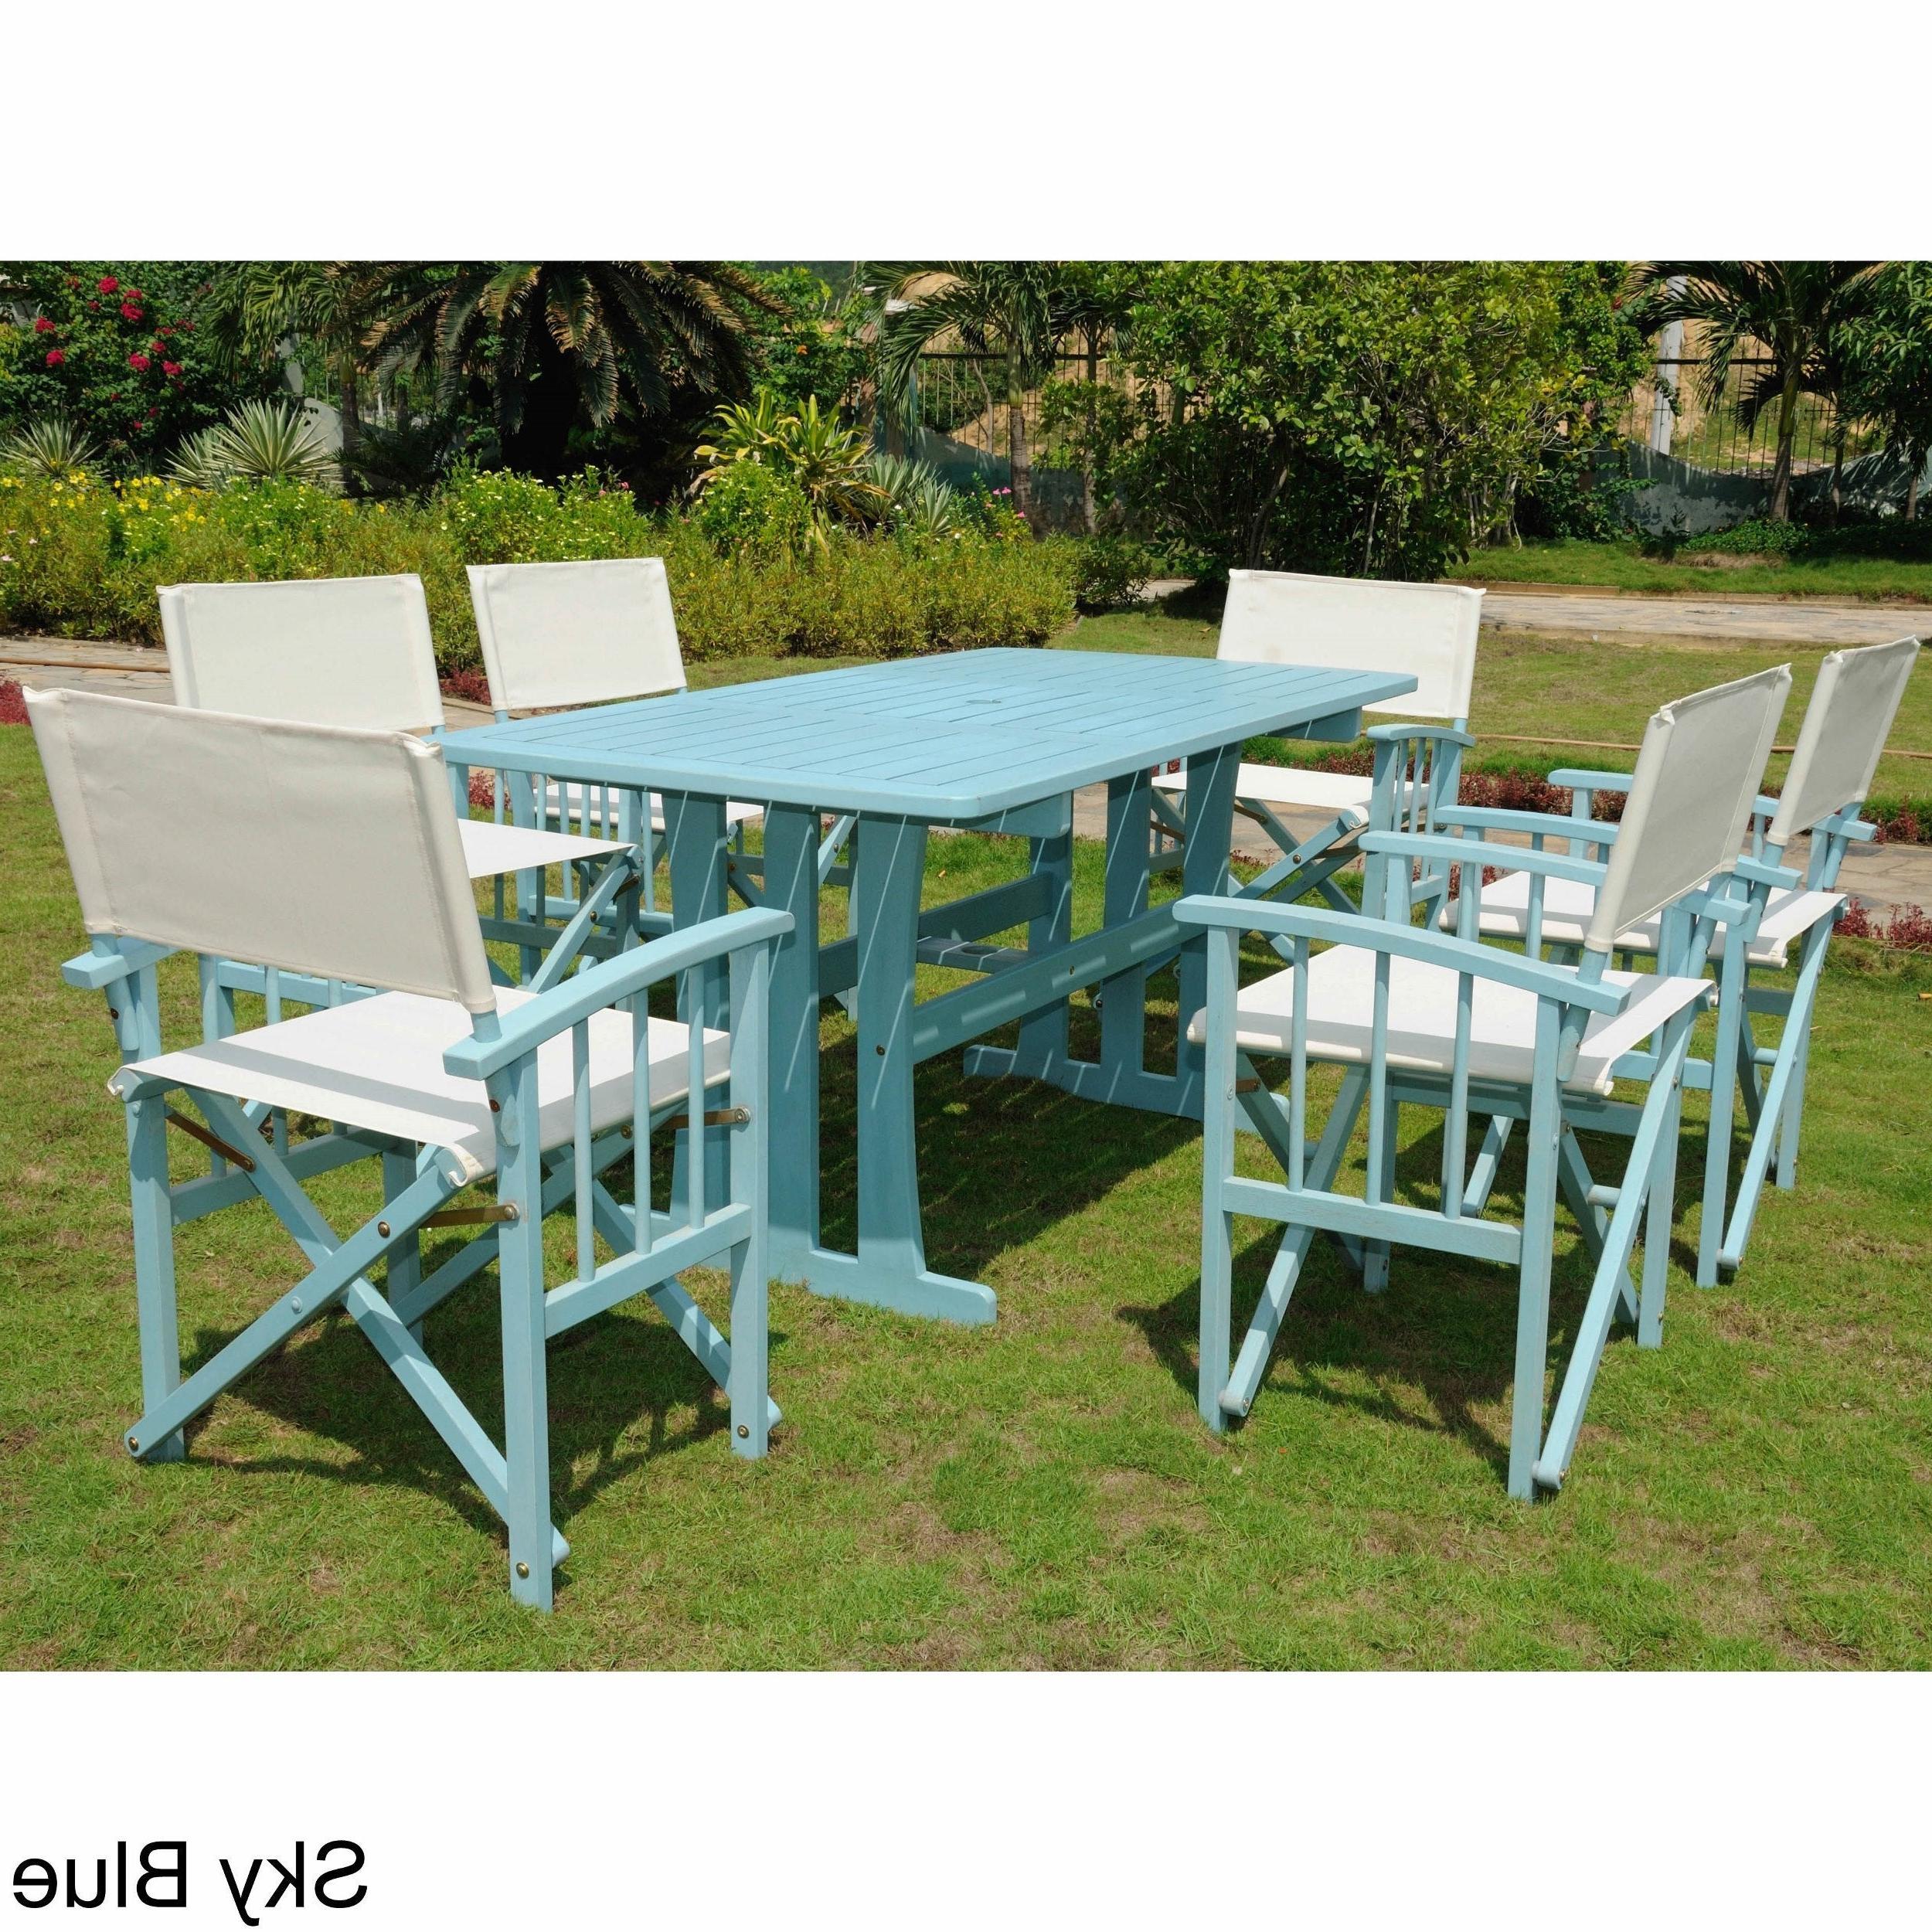 Most Recent Messina Garden Stools Set (set Of 2) Regarding International Caravan Messina Acacia Hardwood Outdoor 7 Piece Dining Set (View 4 of 30)